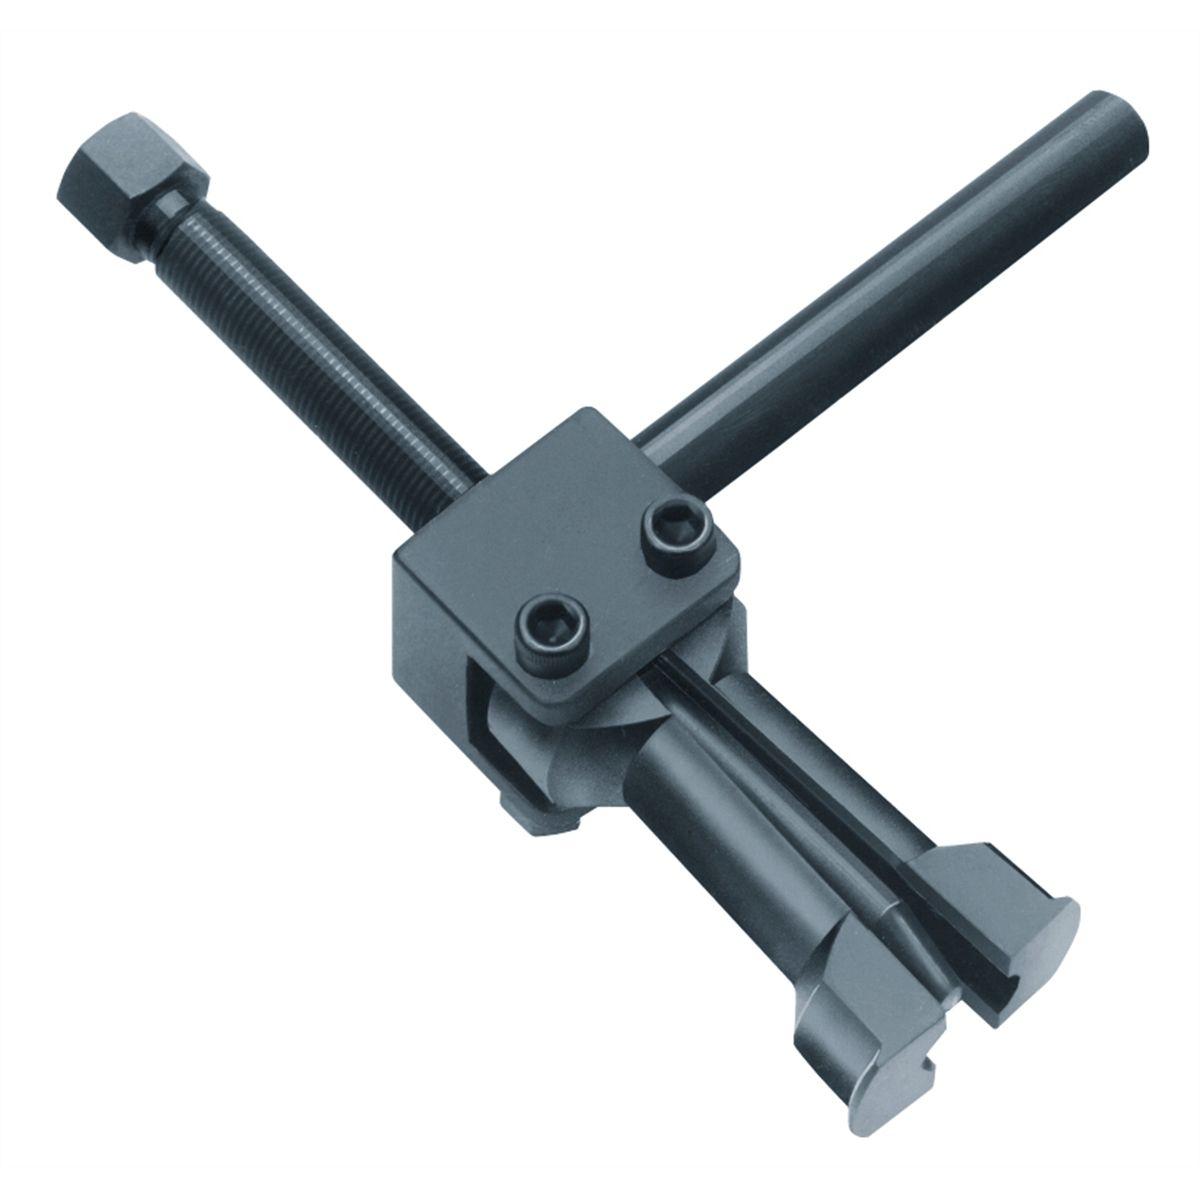 Bearing Puller Bearing Puller : Otc flywheel pilot bearing puller in id